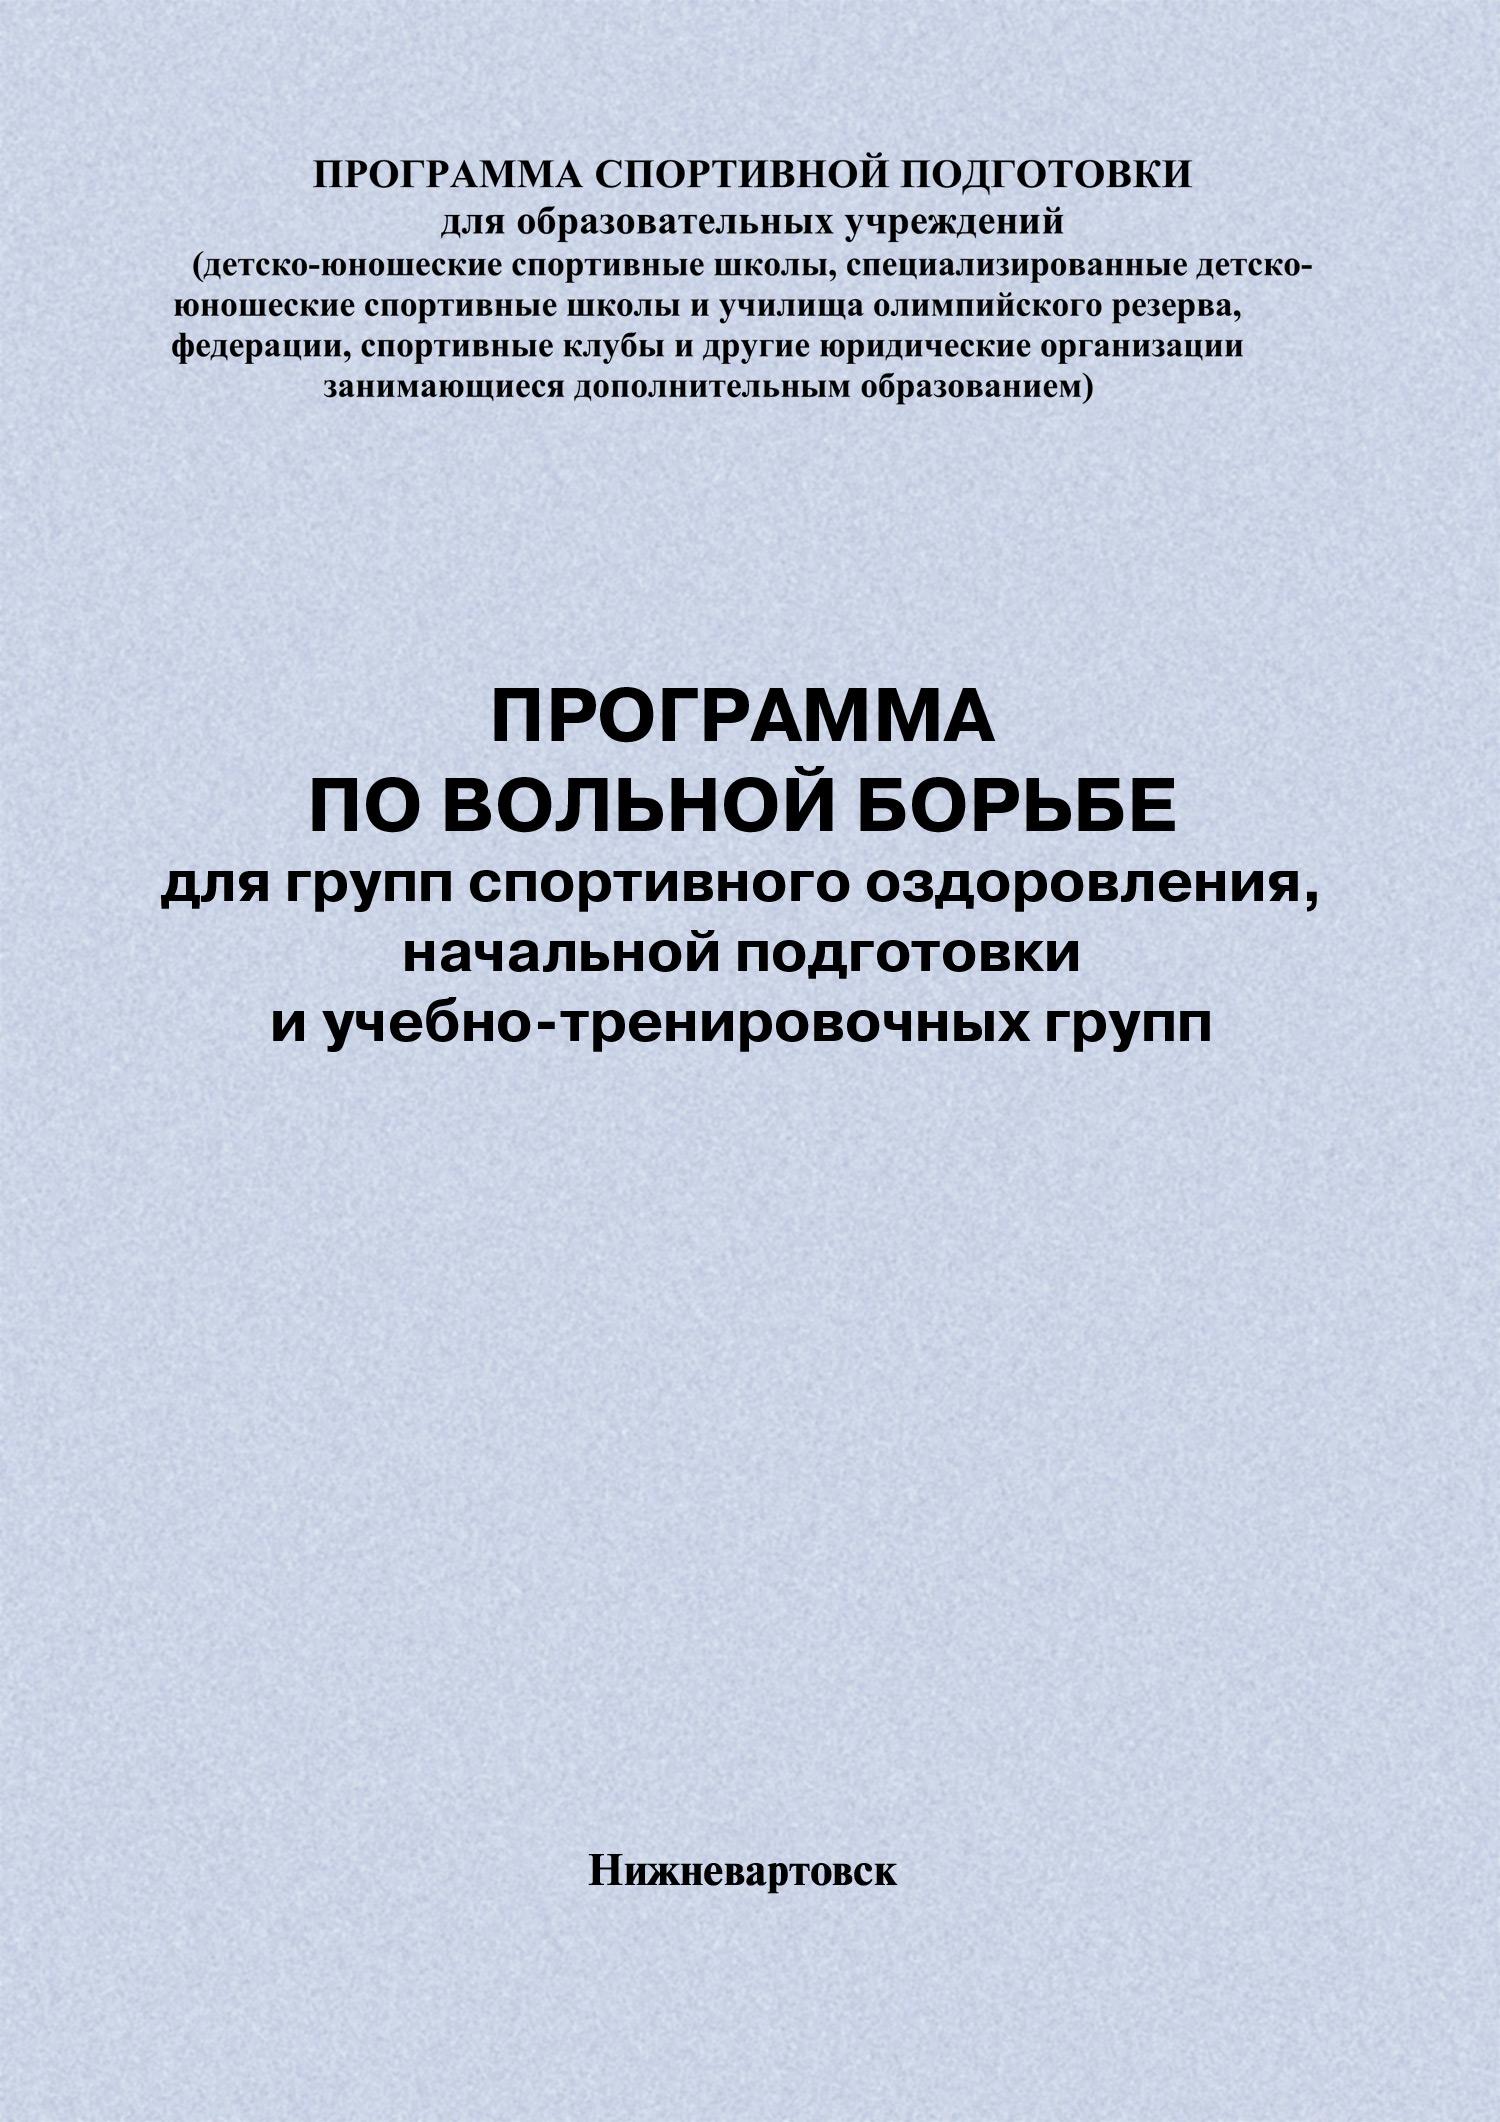 Евгений Головихин Программа по вольной борьбе для групп спортивного оздоровления, начальной подготовки и учебно-тренировочных групп для растений имеющих изображенные на рисунке споры